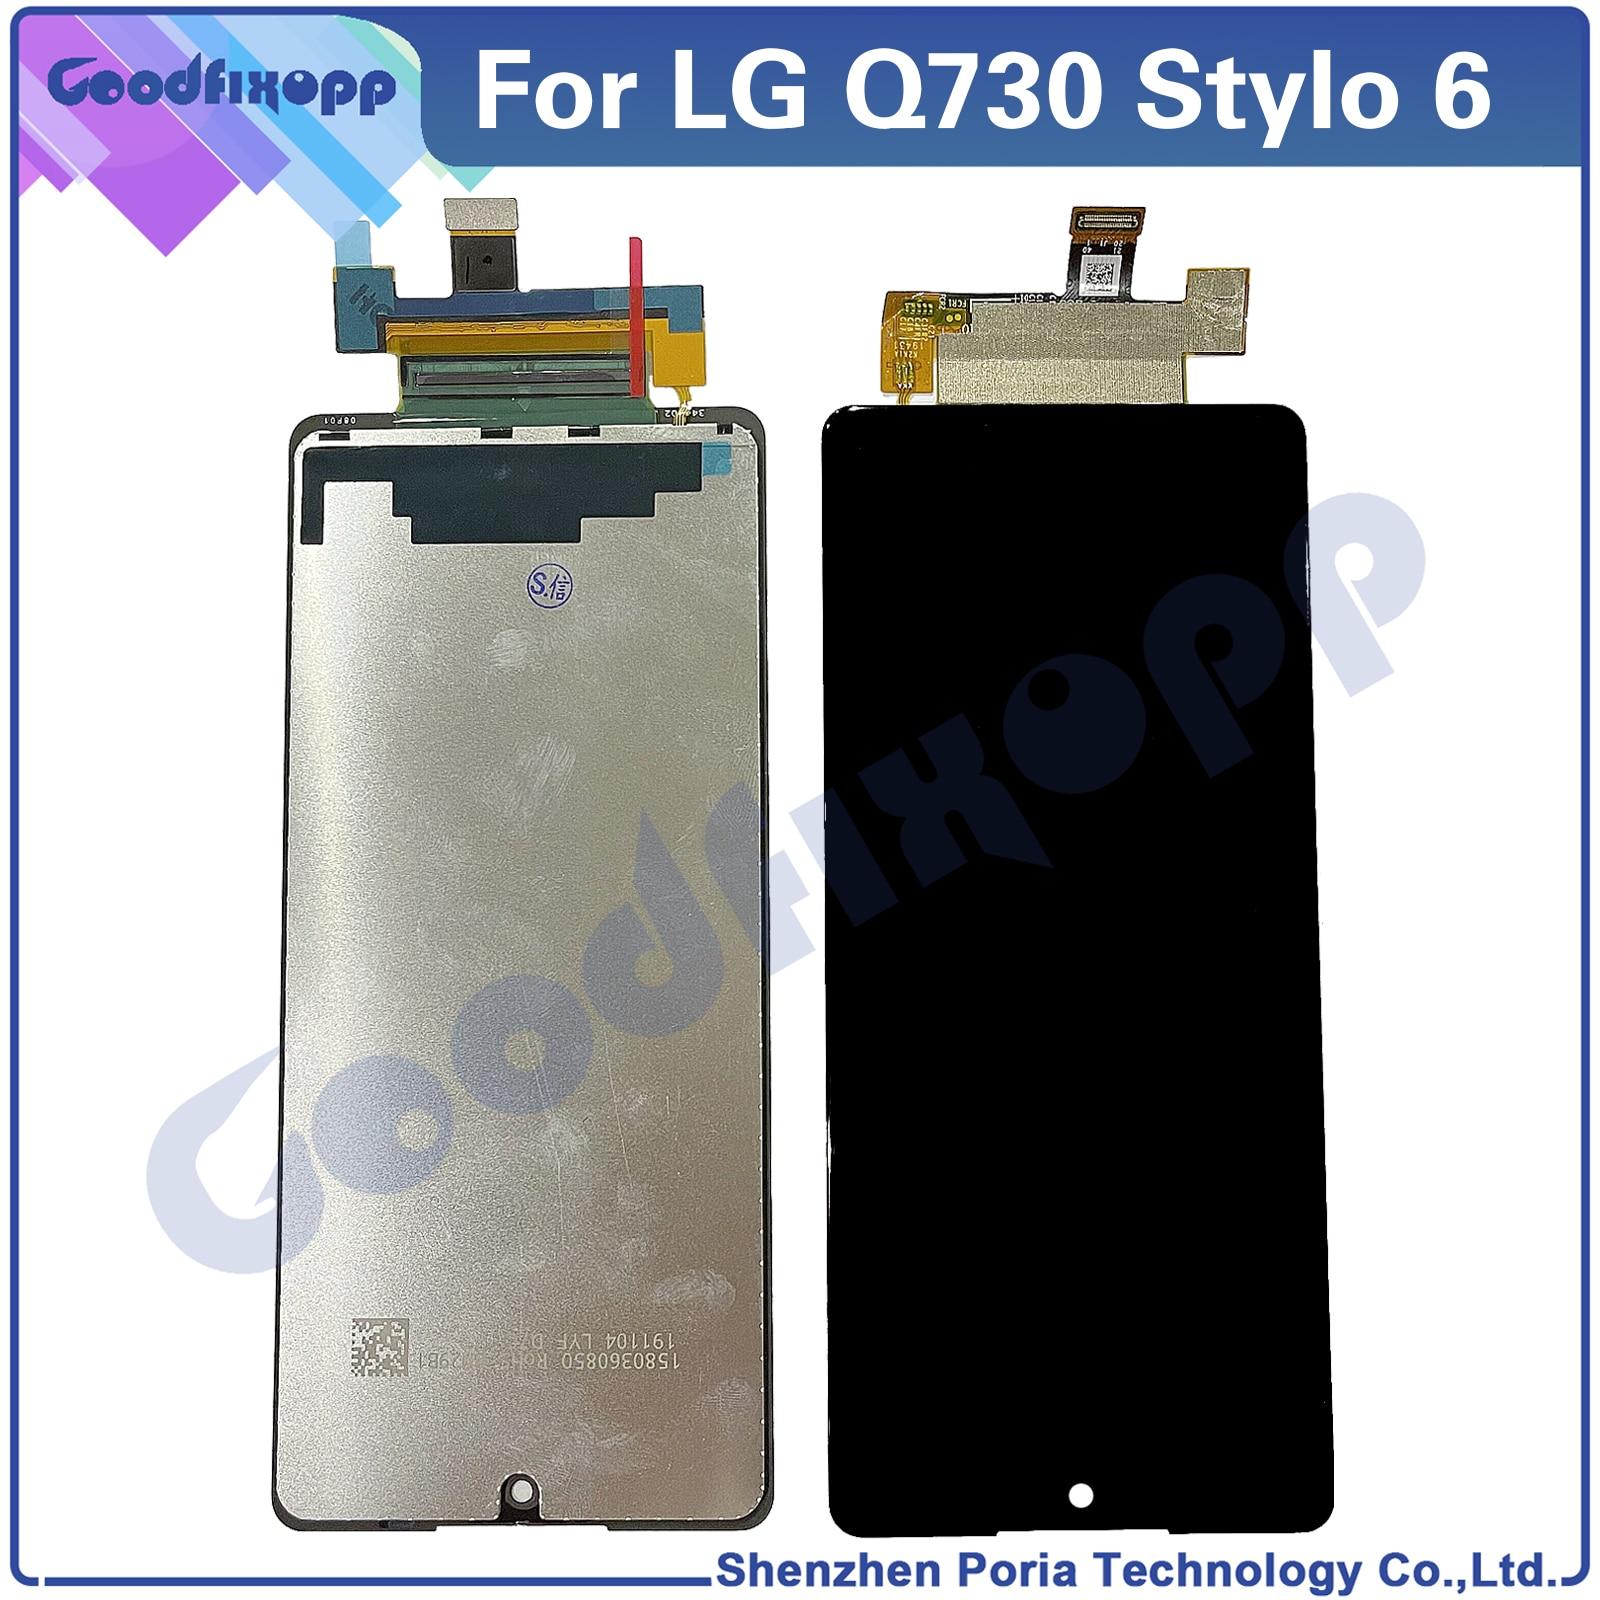 قطع غيار LCD أصلية لـ LG Stylo 6 Q730 ، قطع غيار LCD لـ LG Stylo 6 Q730AM Q730TM